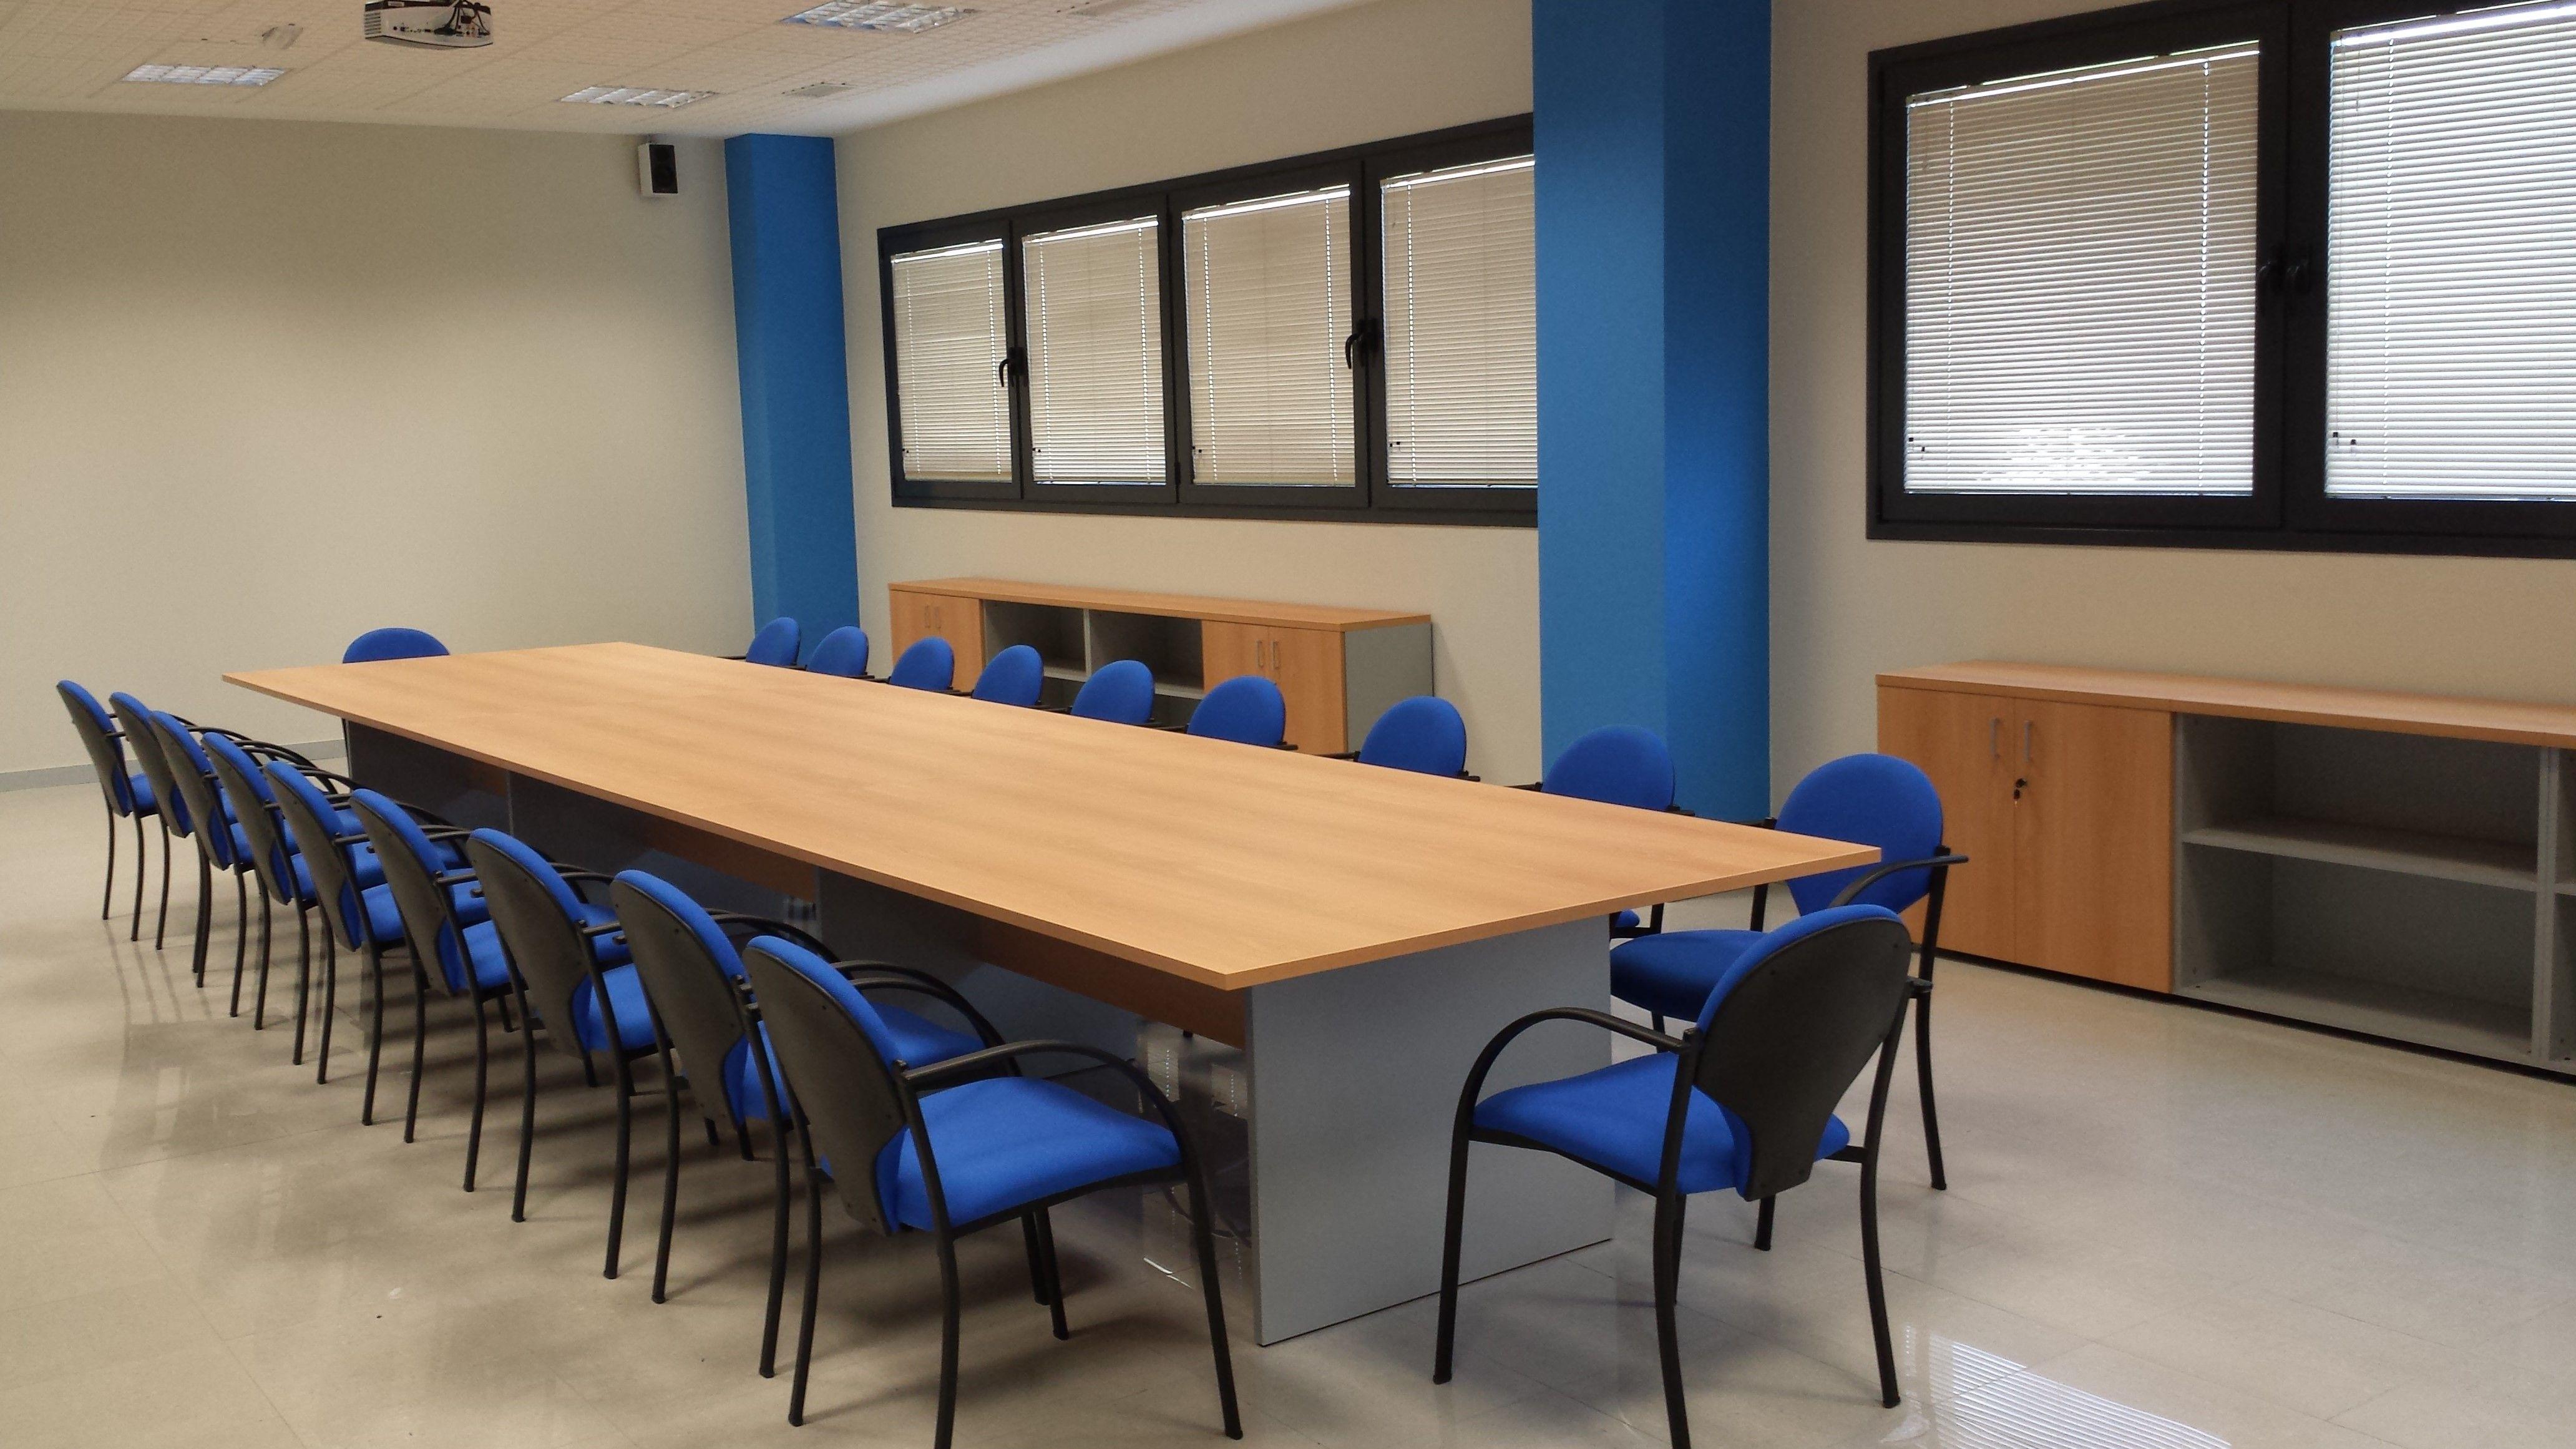 Muebles para salas de reuniones en oficinas y centros de trabajo